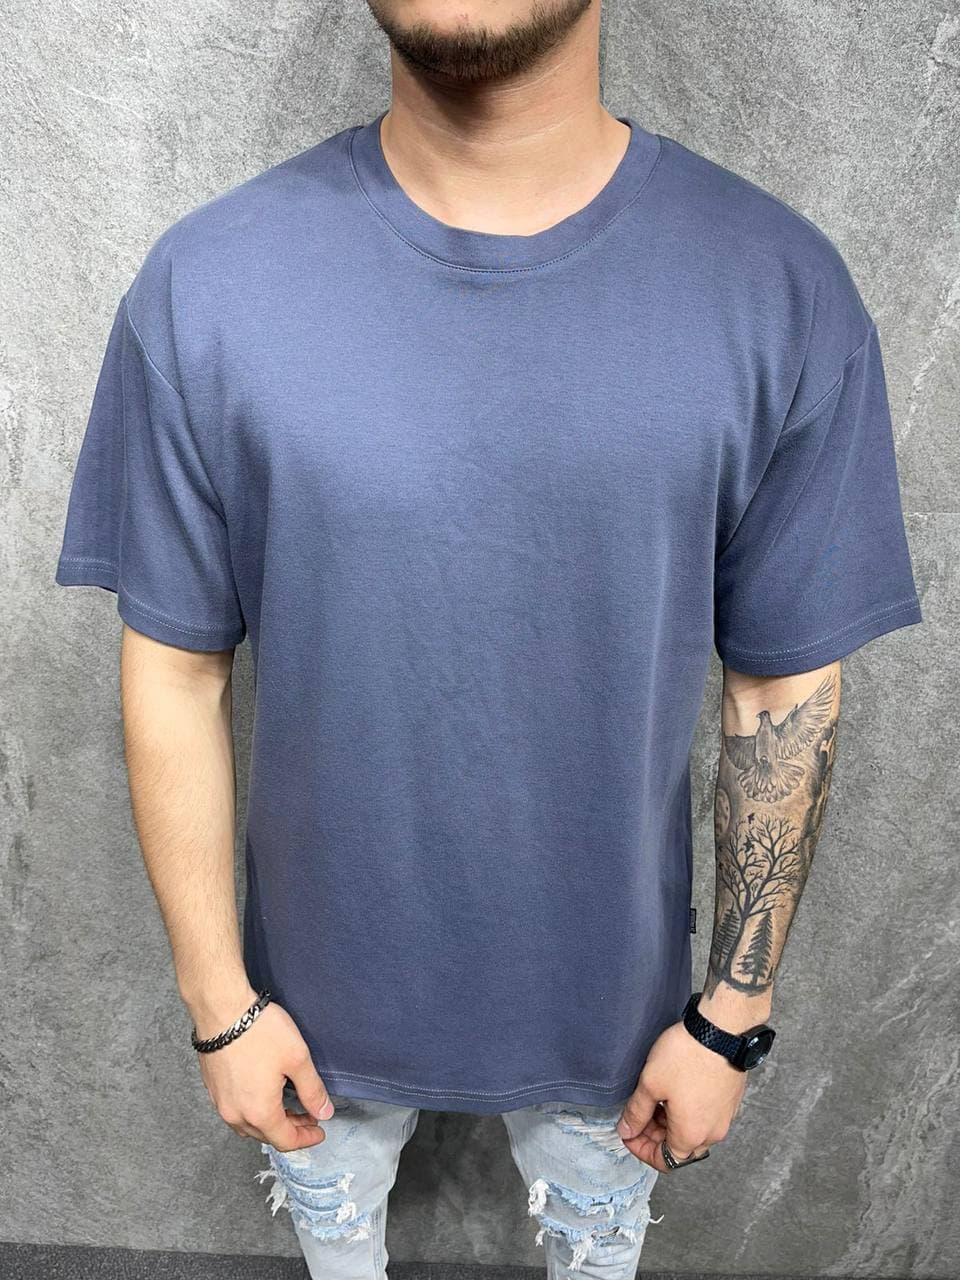 Чоловіча футболка синього кольору oversize однотонна